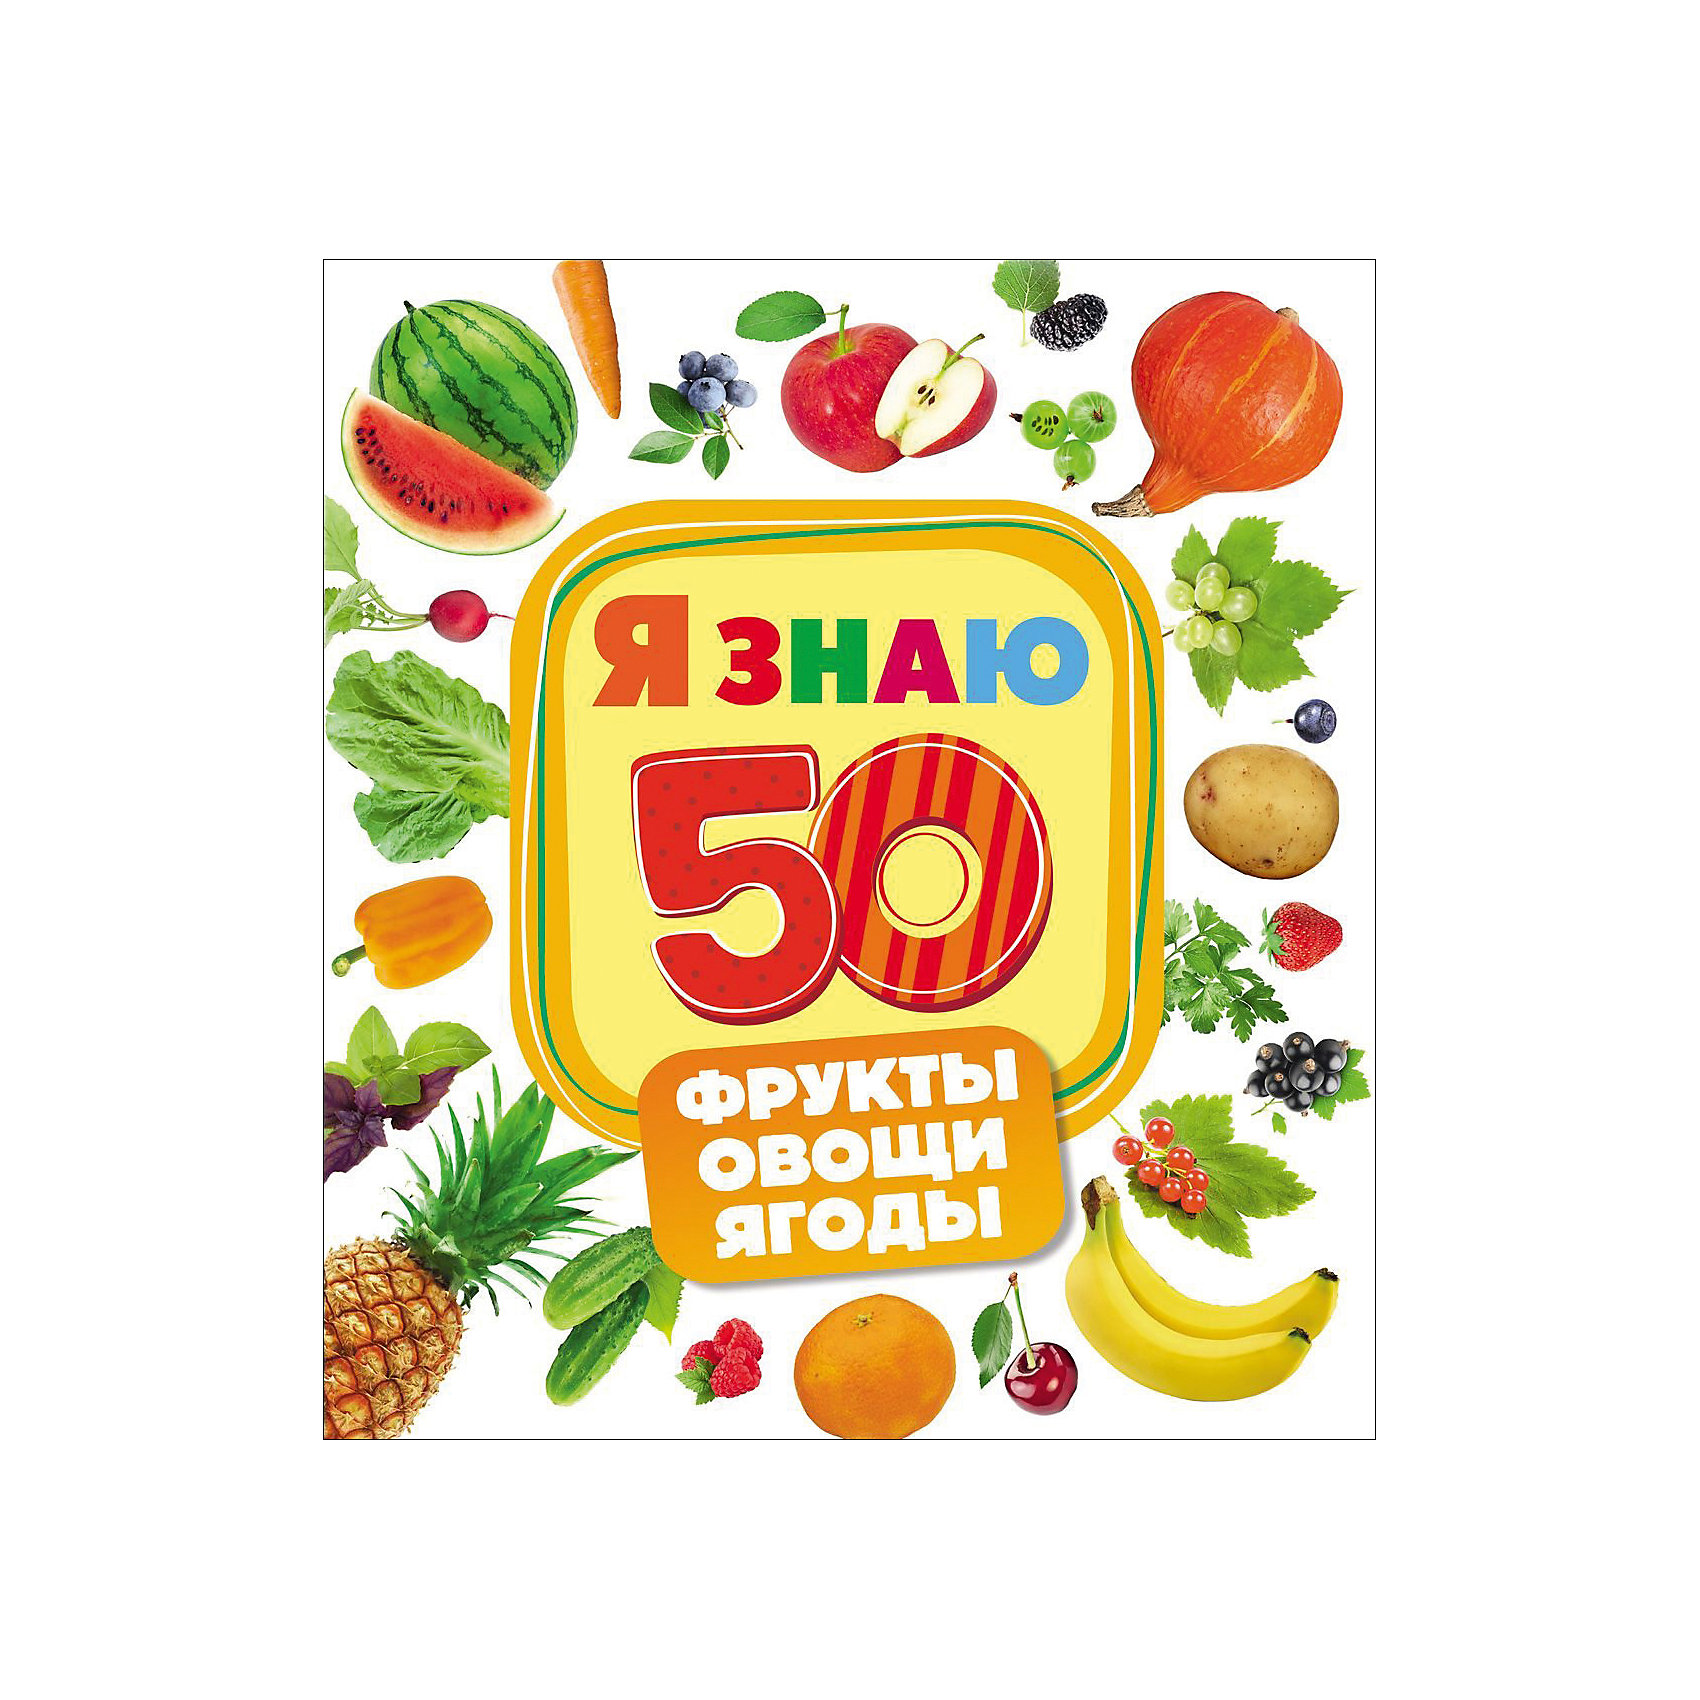 Росмэн Я знаю Фрукты, овощи, ягоды настольная игра росмэн овощи фрукты ягоды 20988